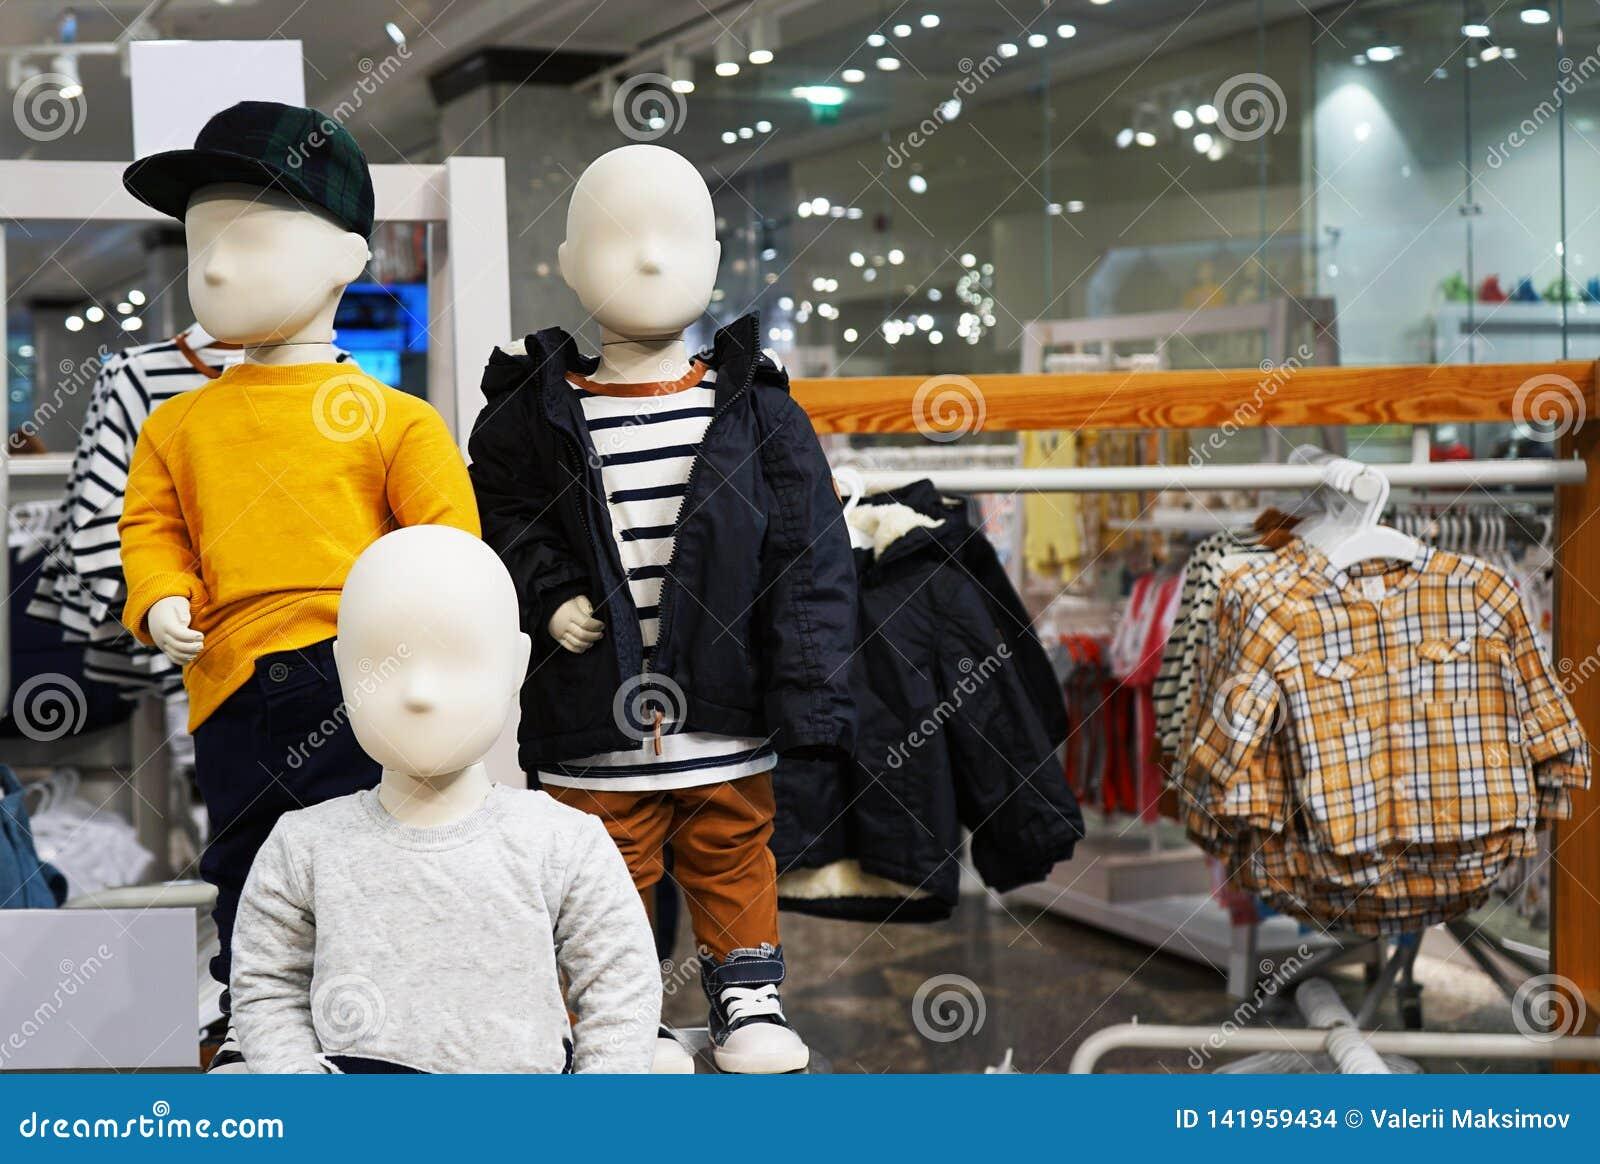 Maniquíes del bebé con ropa Equipo comercial en tiendas de ropa